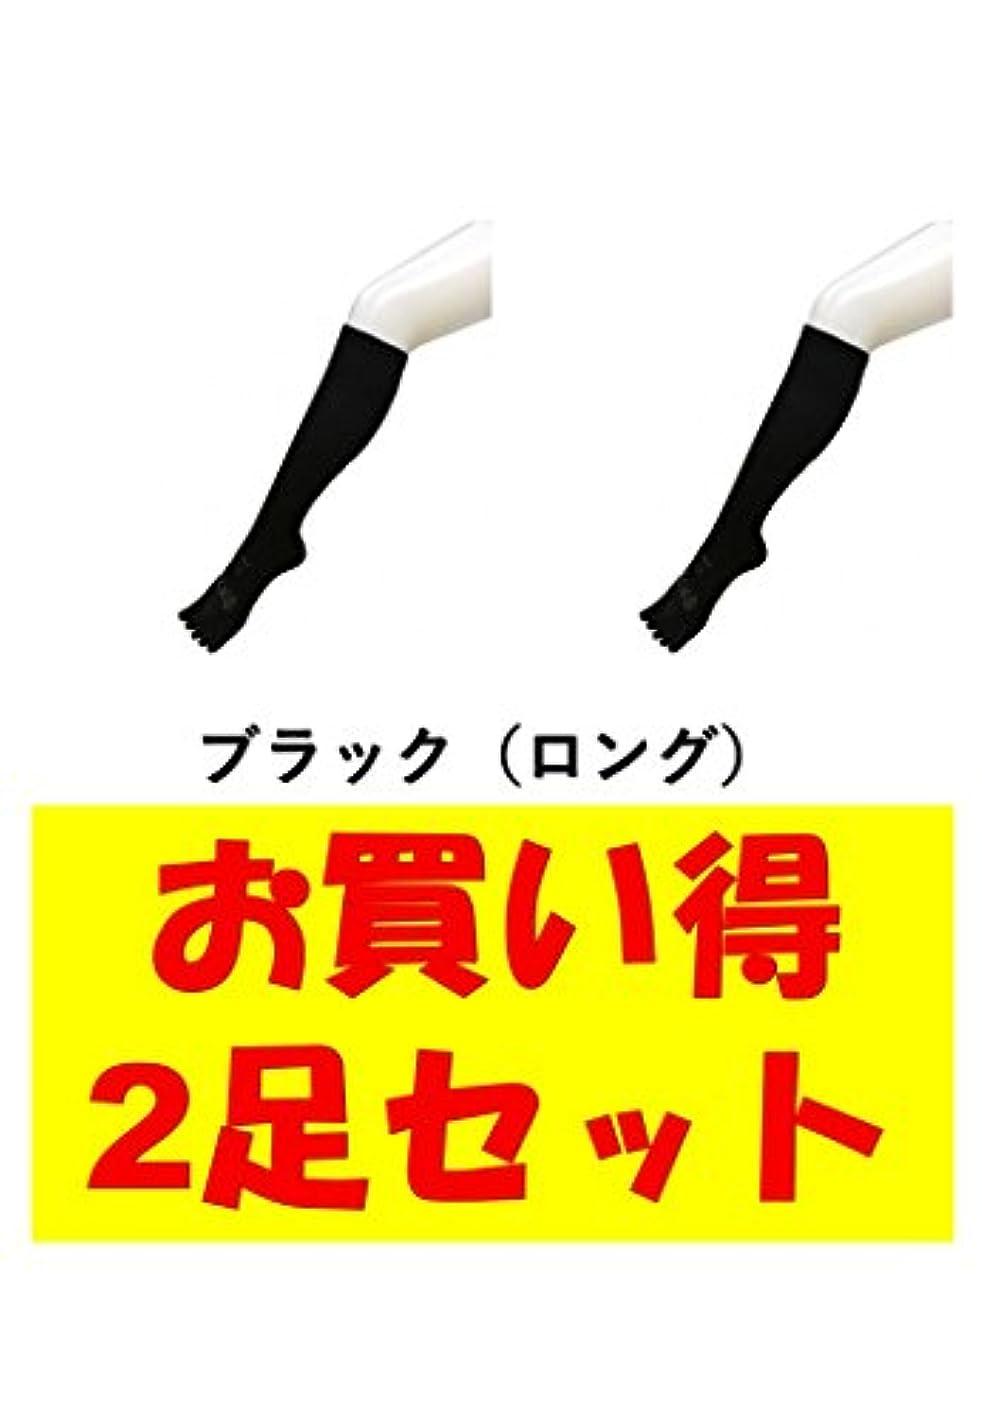 思い出中断リハーサルお買い得2足セット 5本指 ゆびのばソックス ゆびのばロング ブラック 女性用 22.0cm-25.5cm HSLONG-BLK